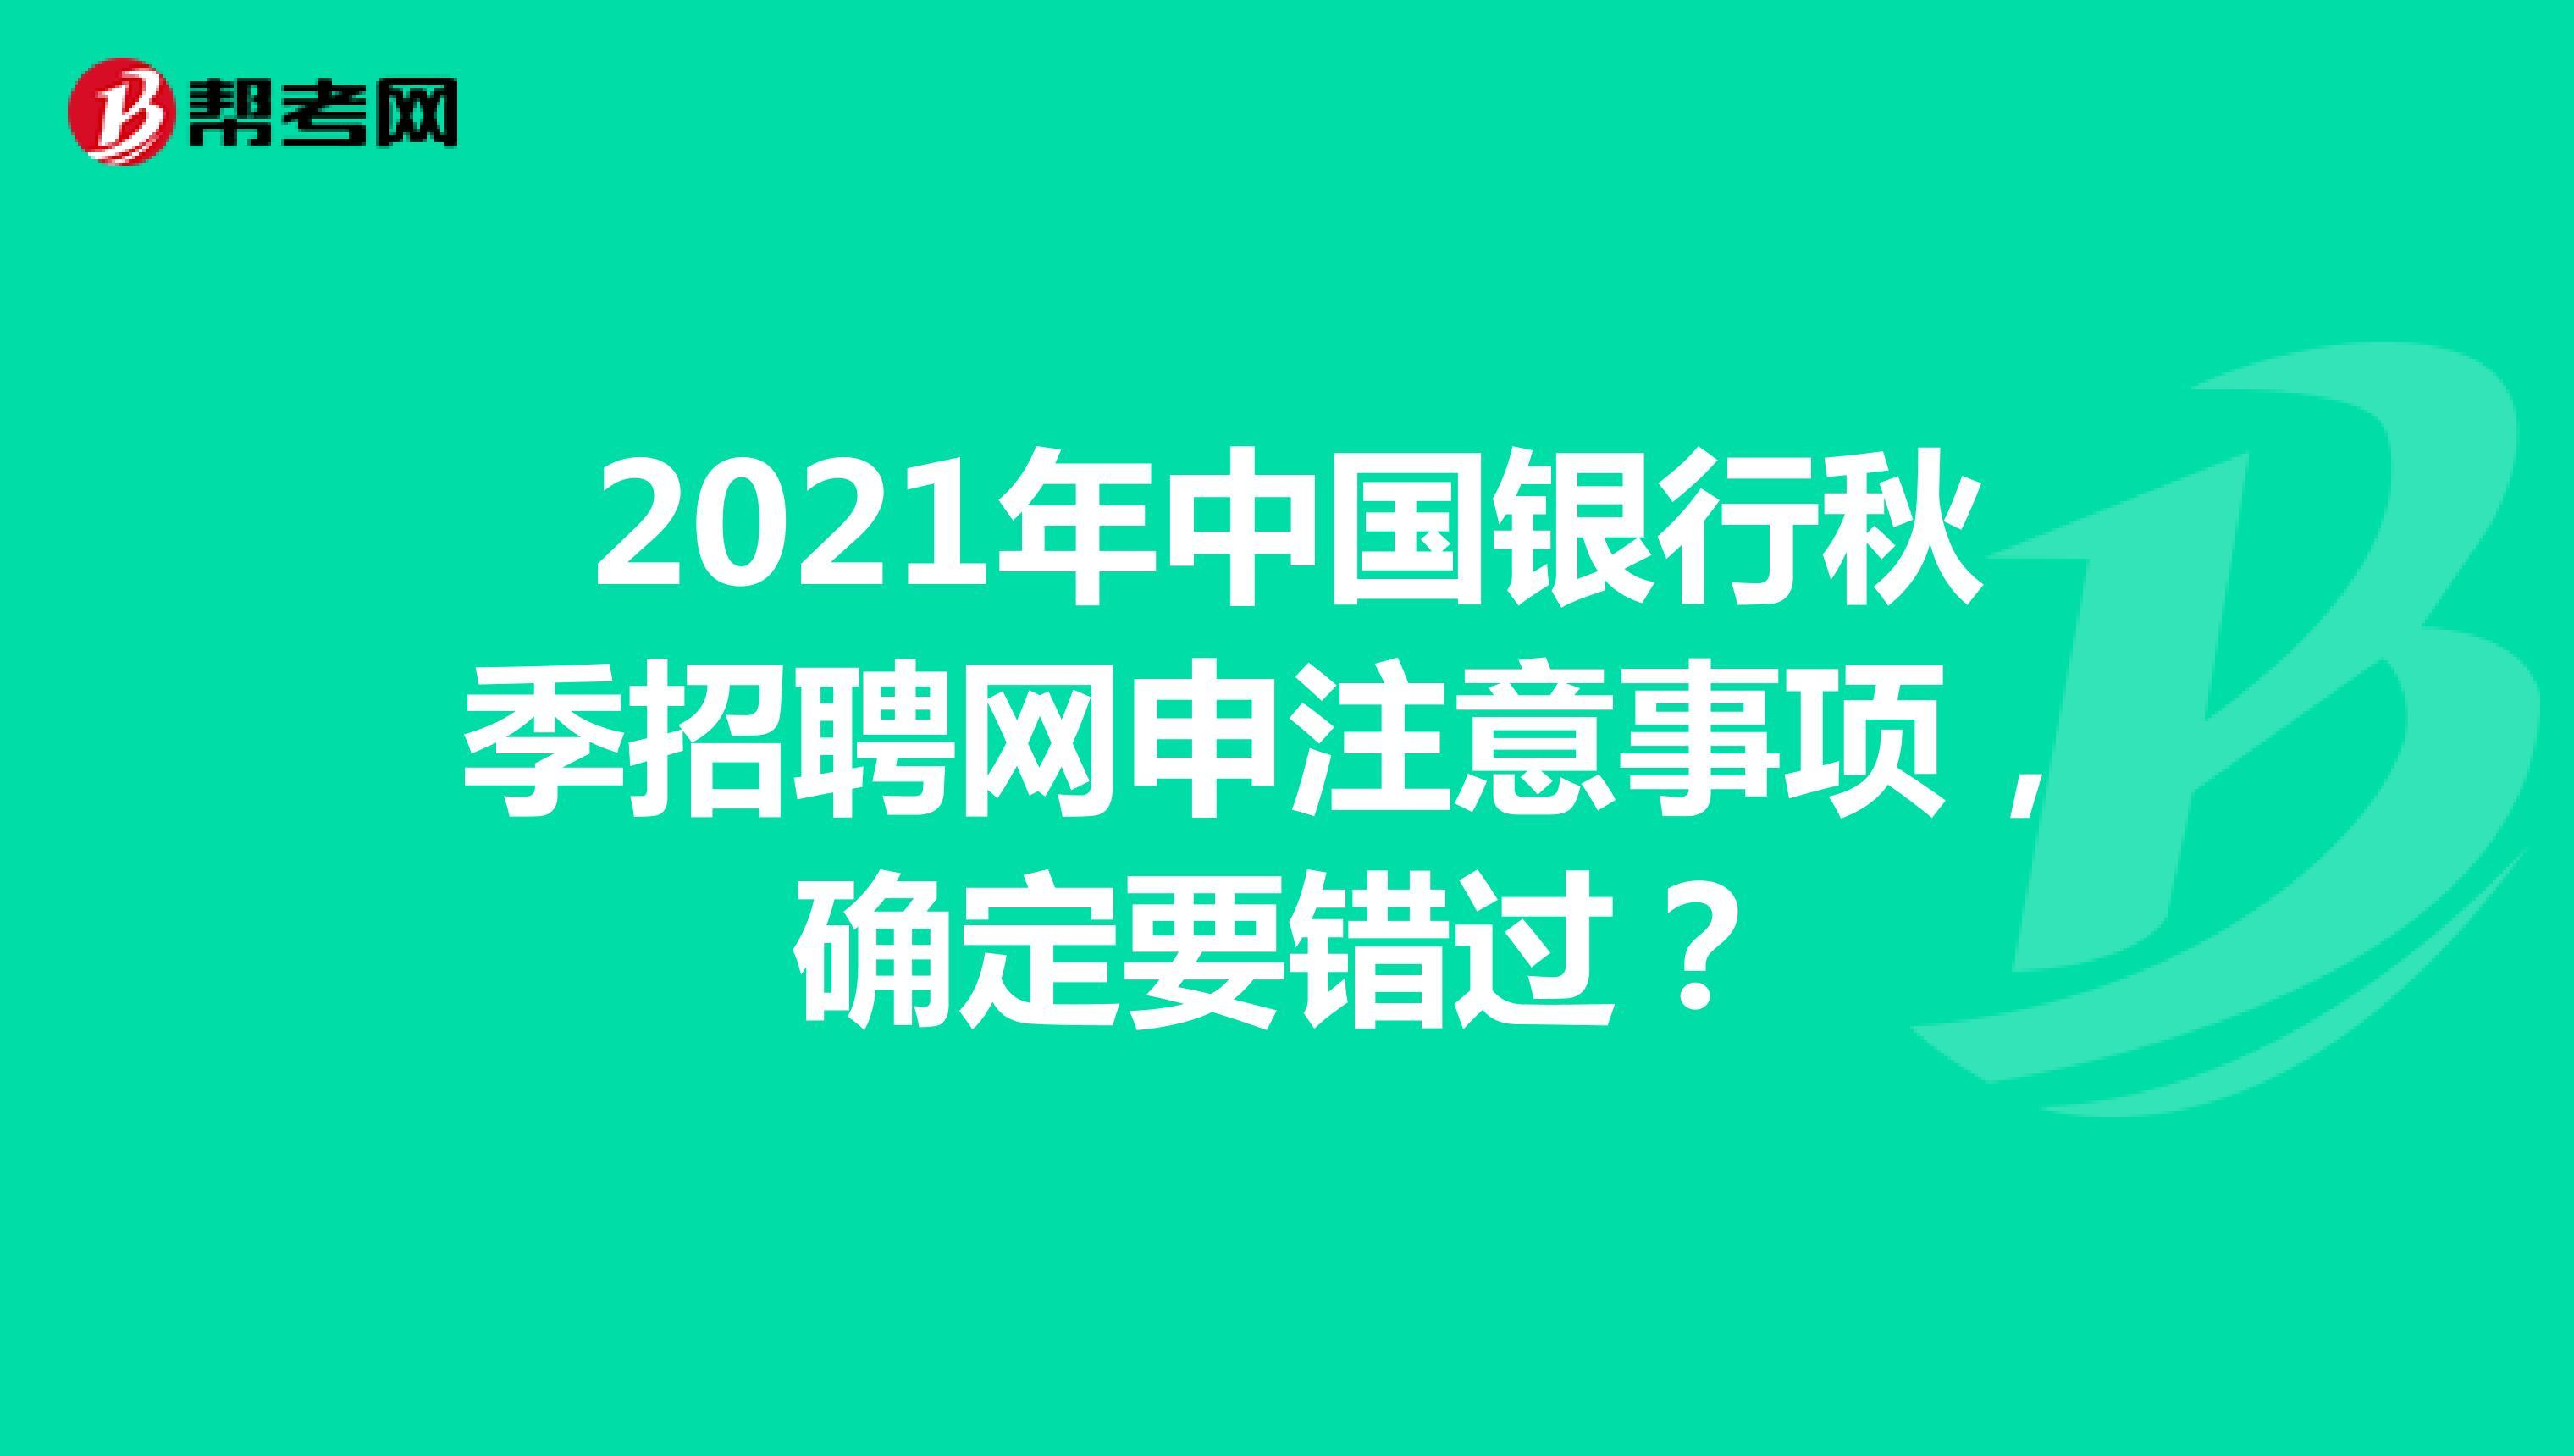 2021年中国银行秋季招聘网申注意事项,确定要错过?